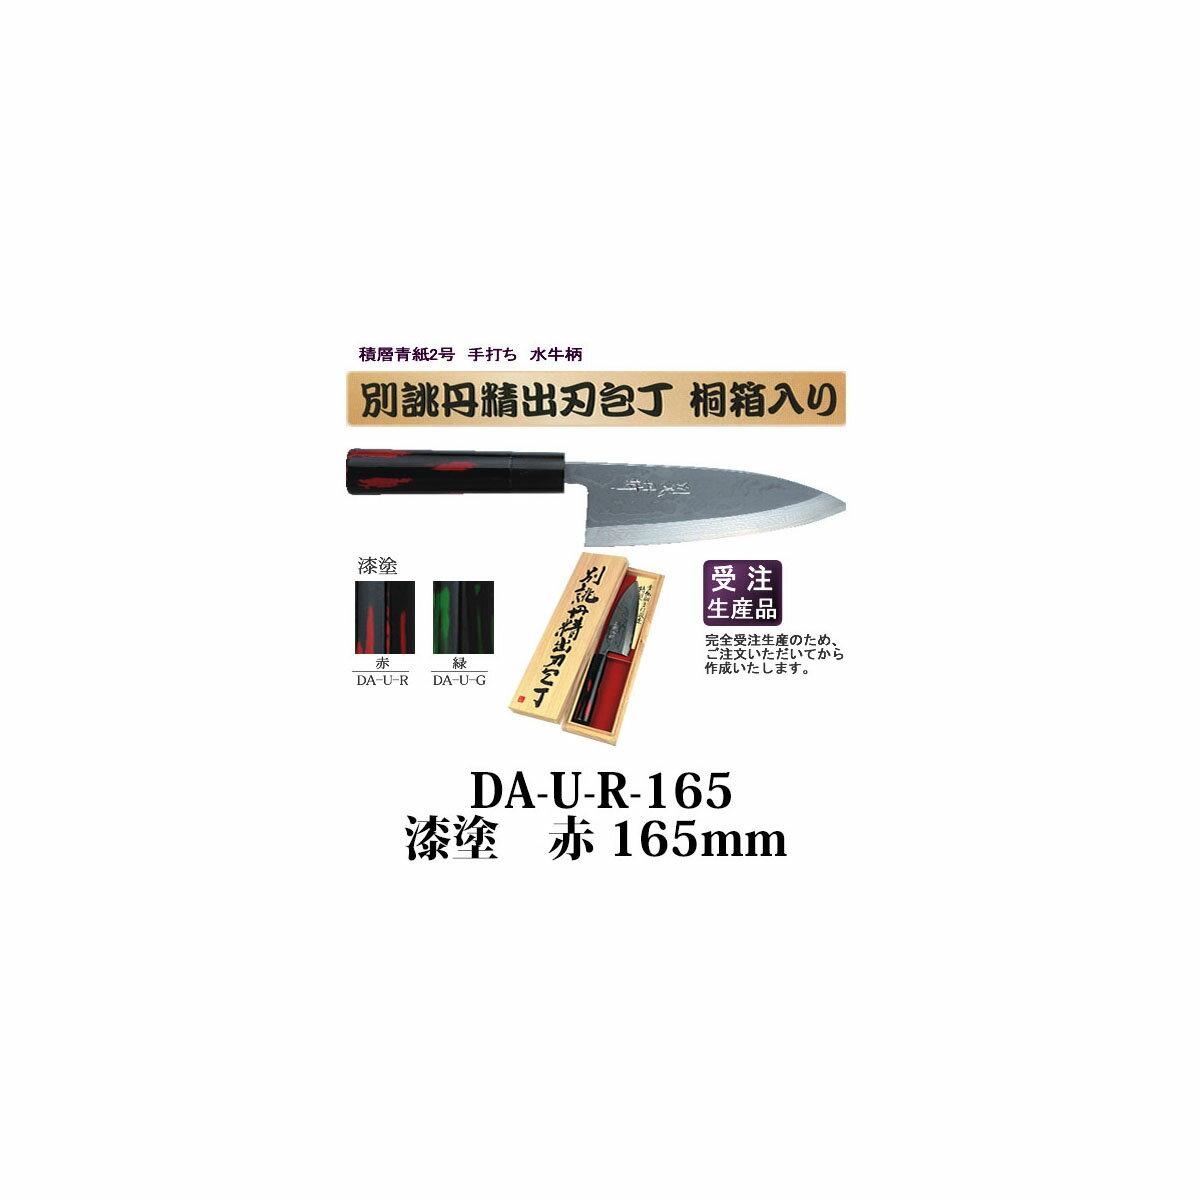 四ツ目 出刃包丁 積層青紙2号手打ち 水牛柄165mm 漆塗 赤 DA-U-R-165 藤田丸鋸工業